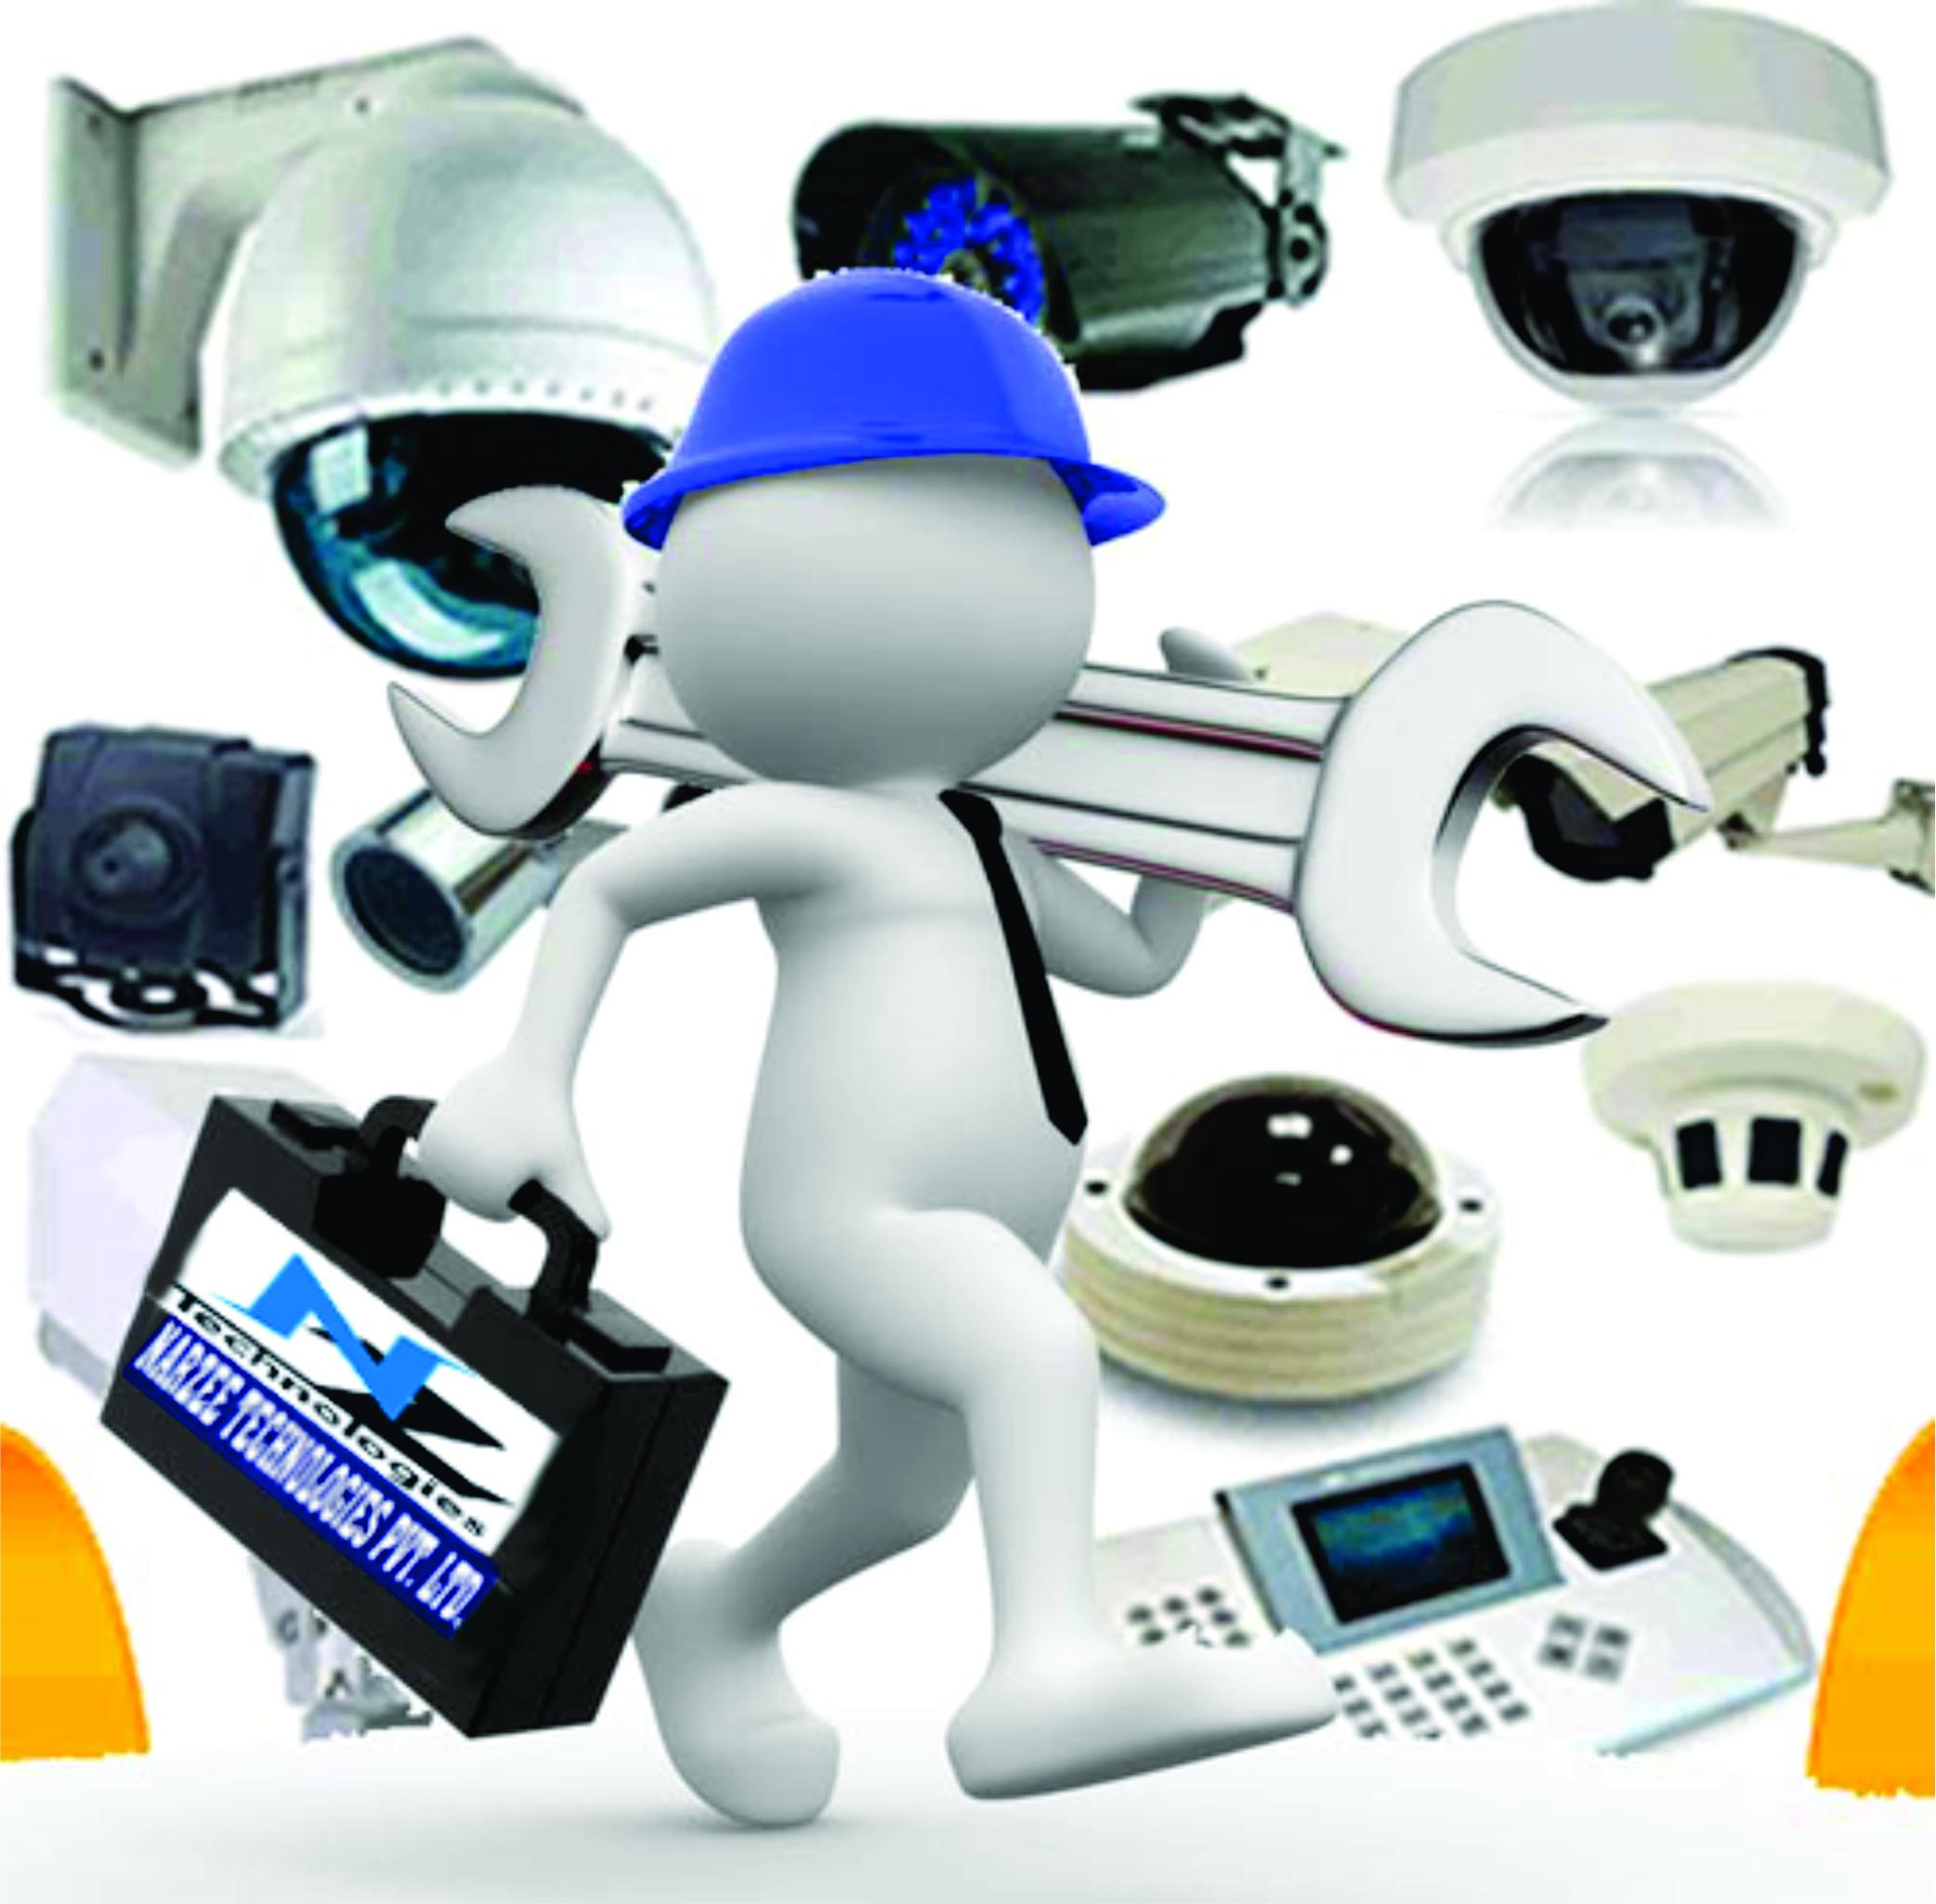 Bảng giá dịch vụ sửa chữa và bảo trì hệ thống camera quan sát